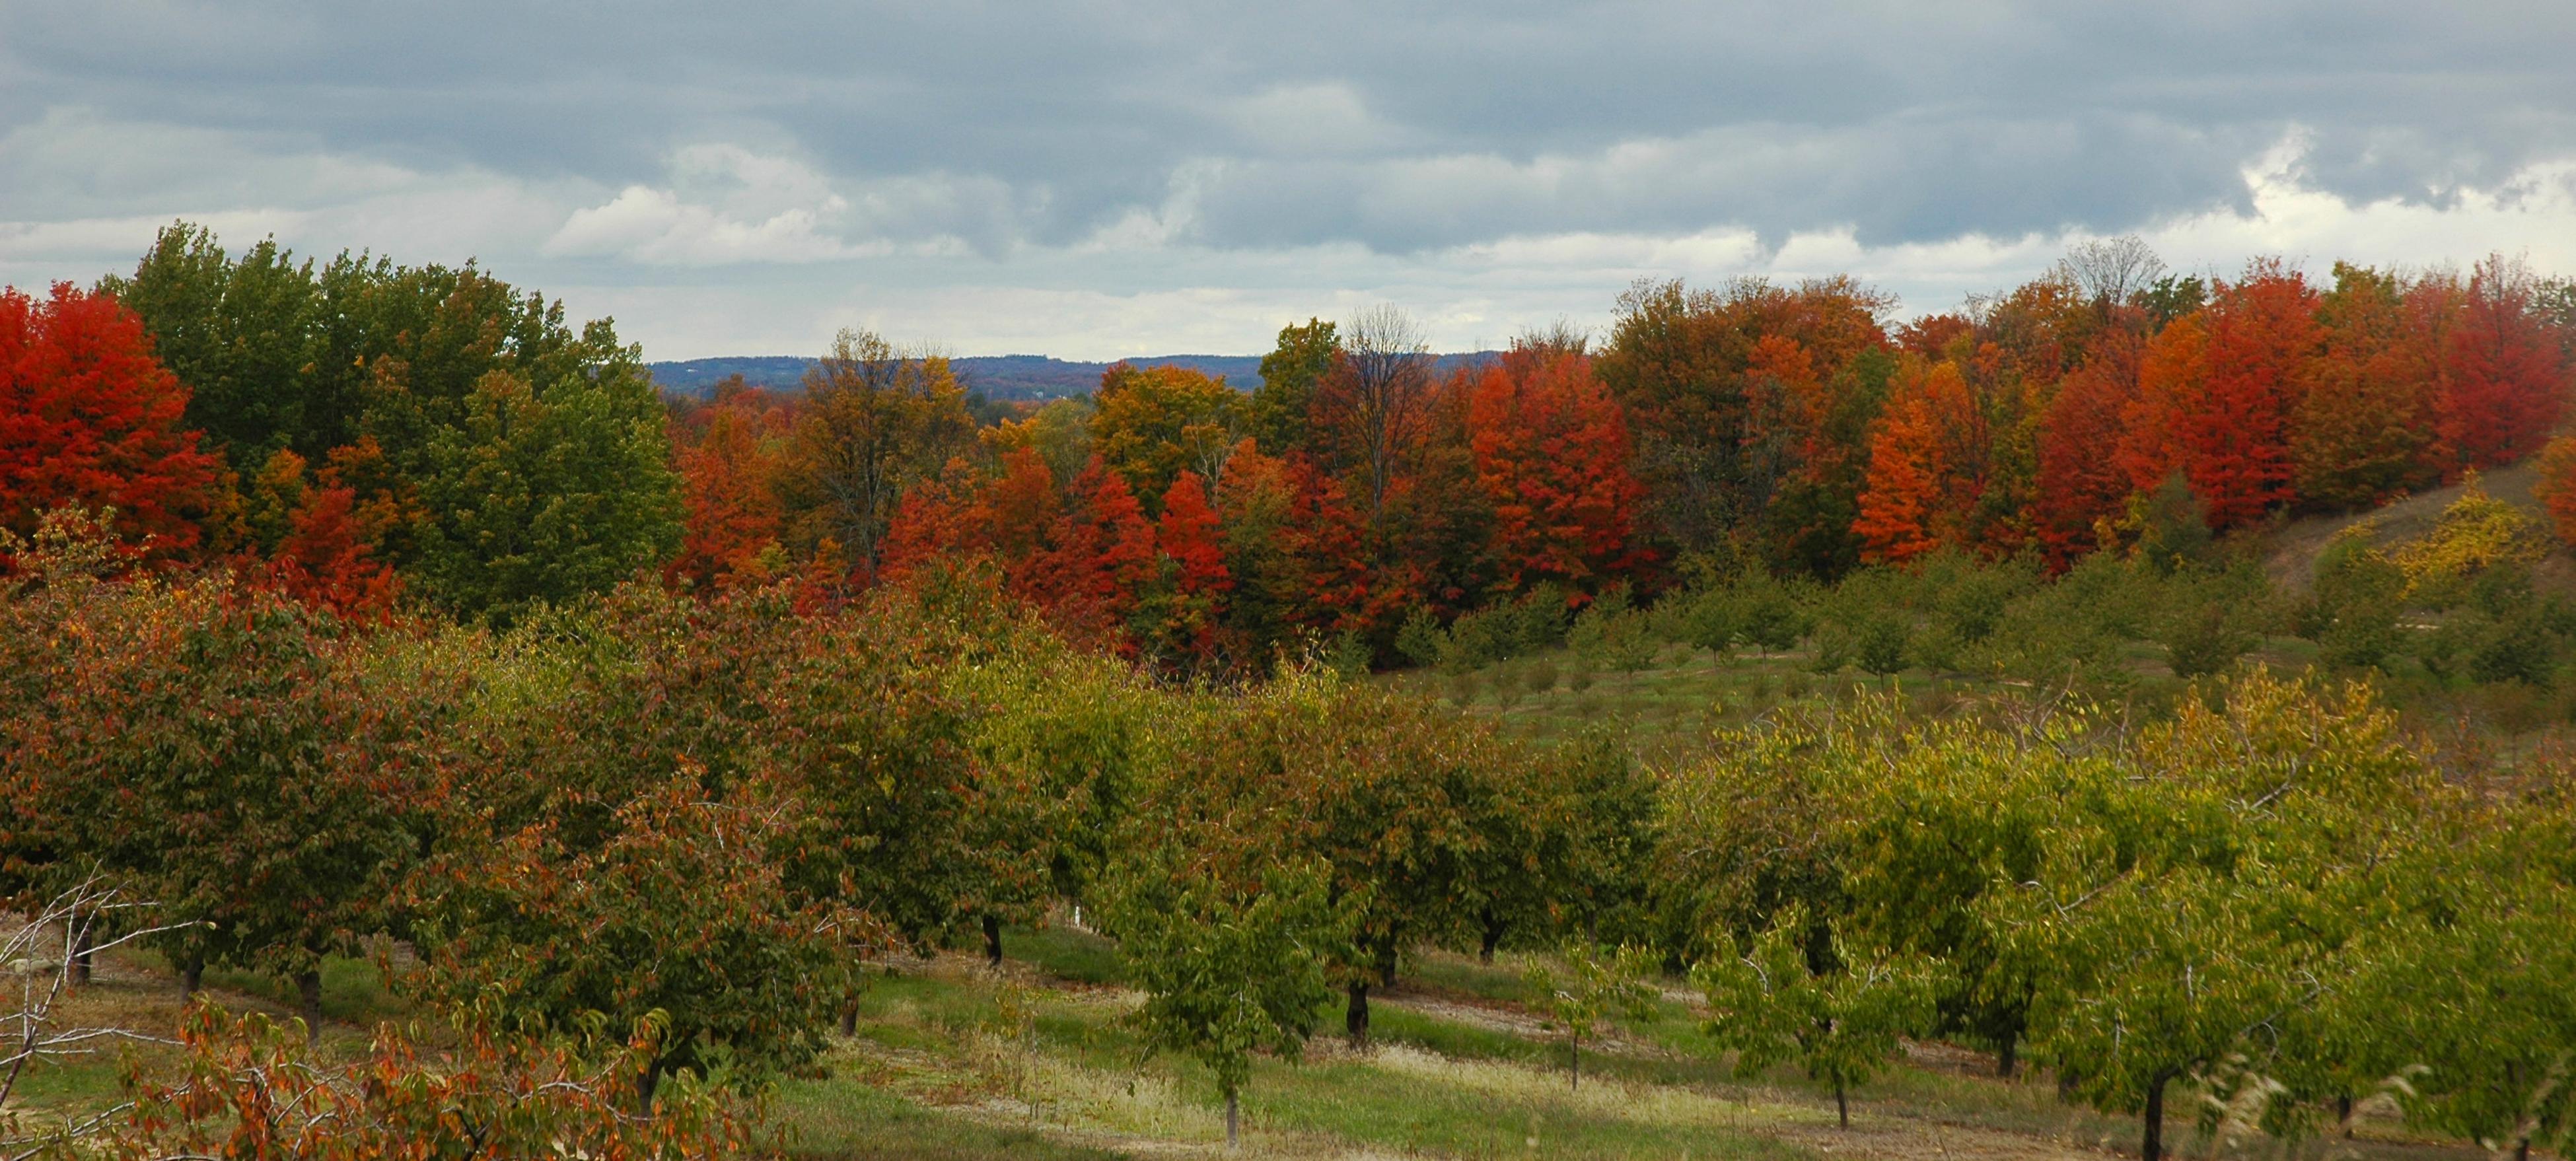 Fall Overcast Photo